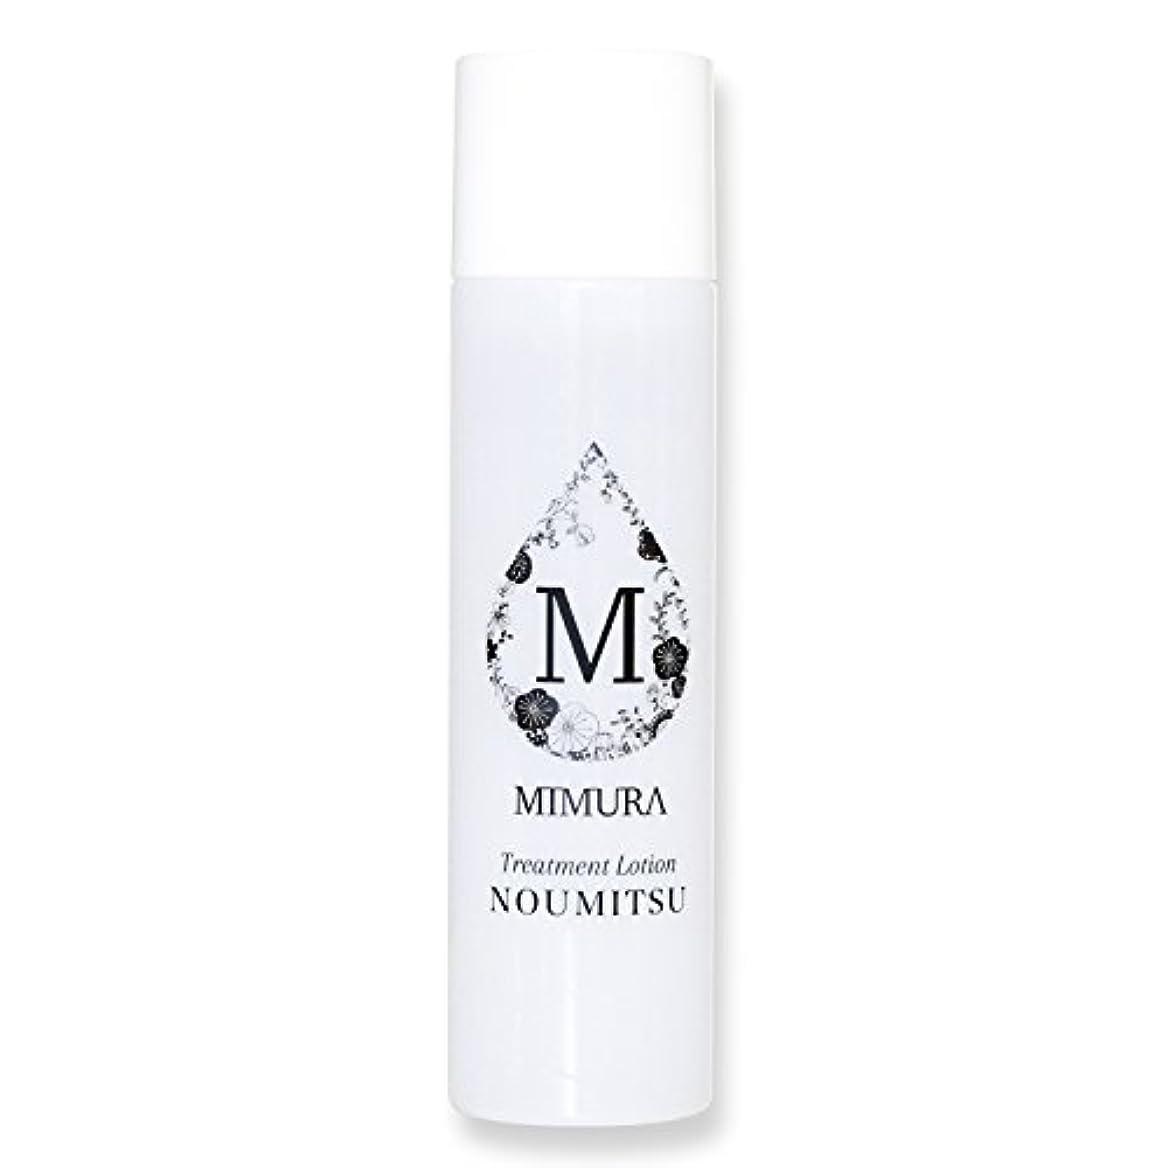 プロトタイプポンドラップトップ化粧水 乾燥肌 うるおい 送料無料 ミムラ トリートメントローション NOUMITSU MIMURA 日本製